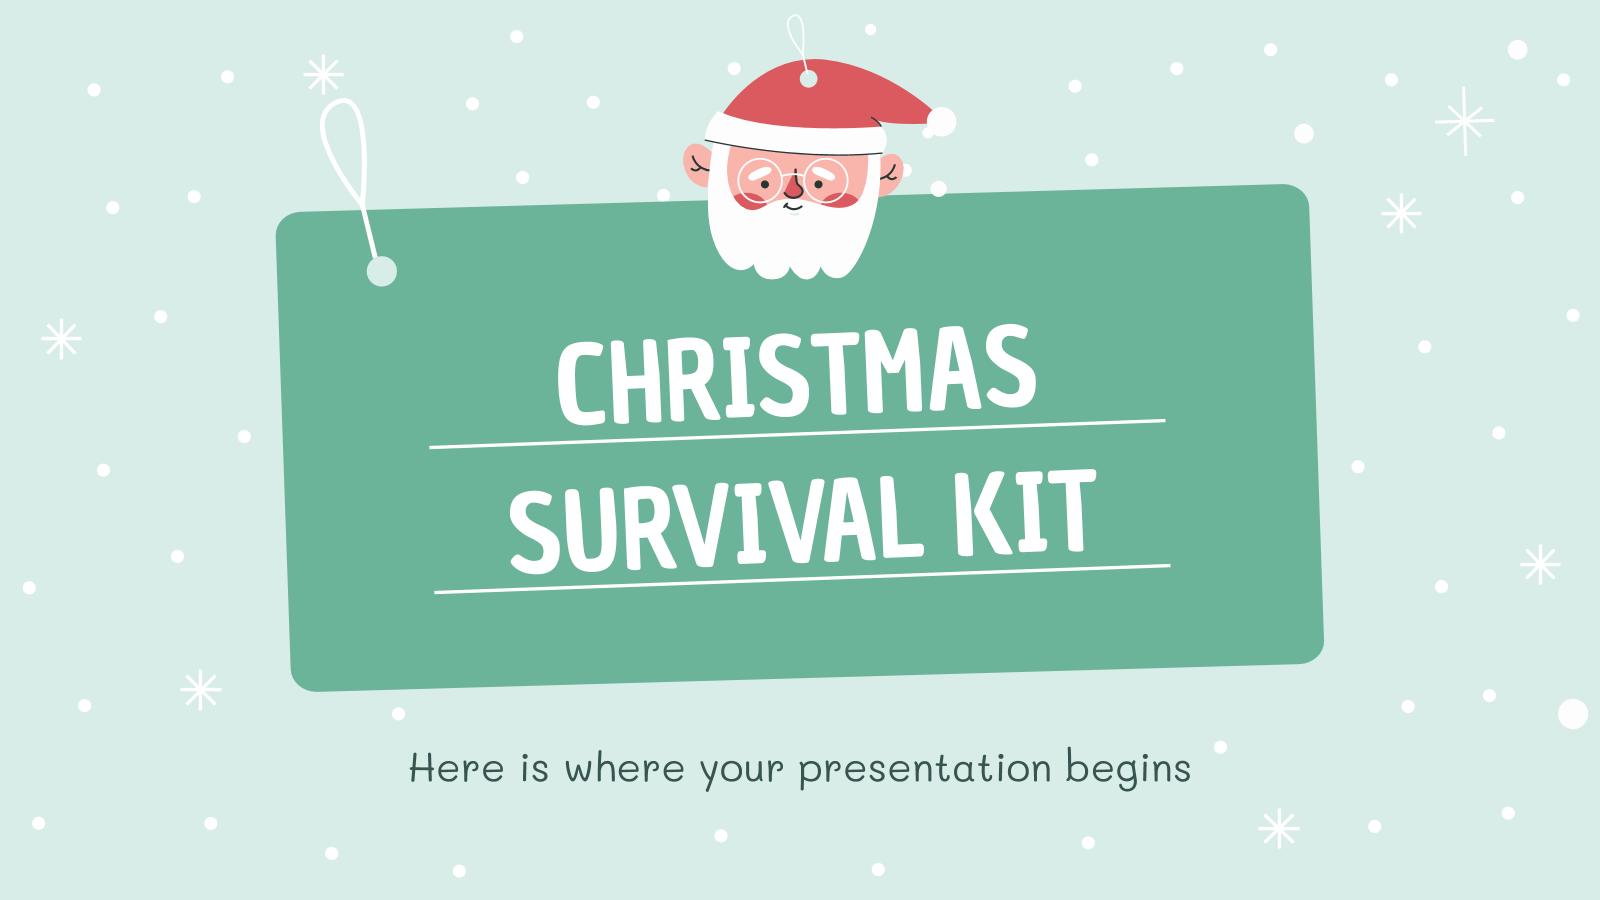 Modelo de apresentação Kit de sobrevivência no Natal